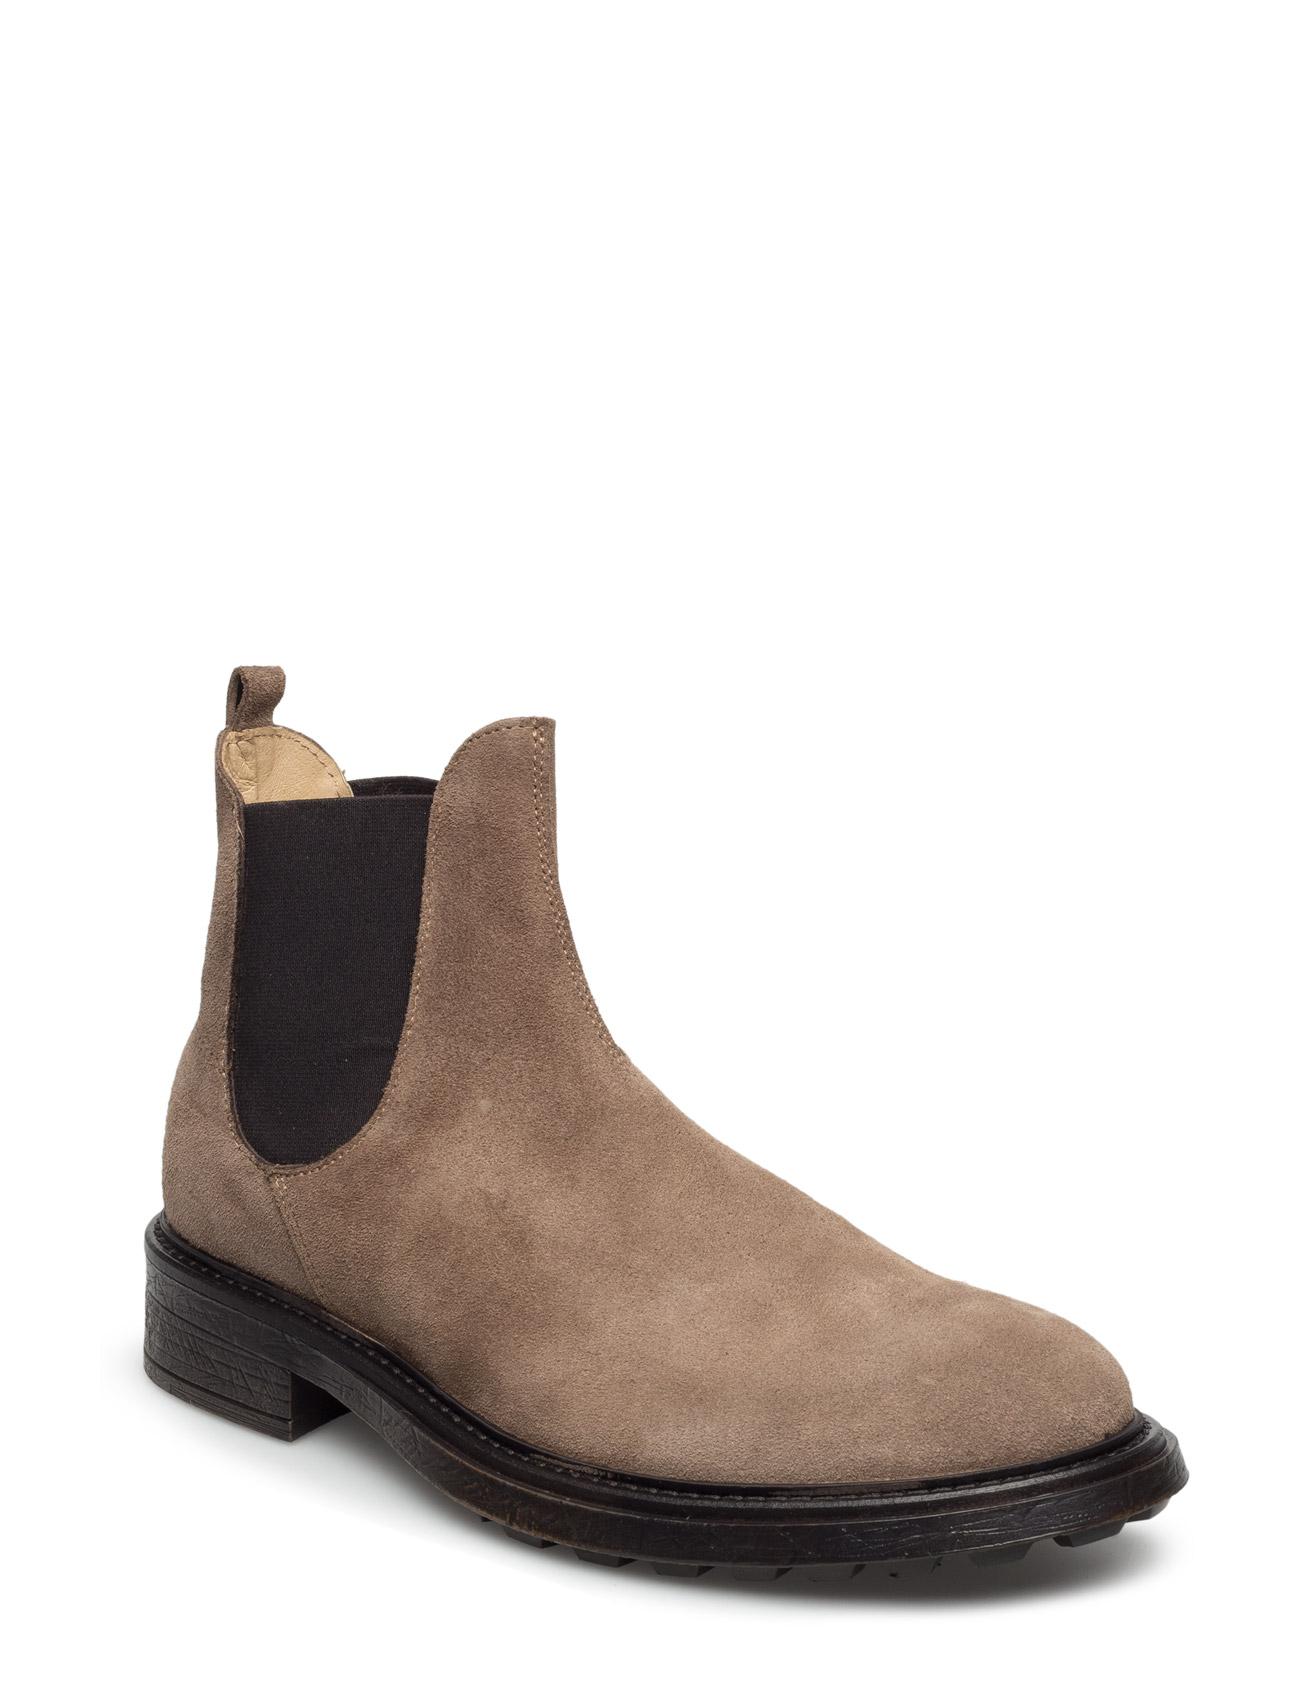 Denne Suede Hudson London Støvler til Mænd i